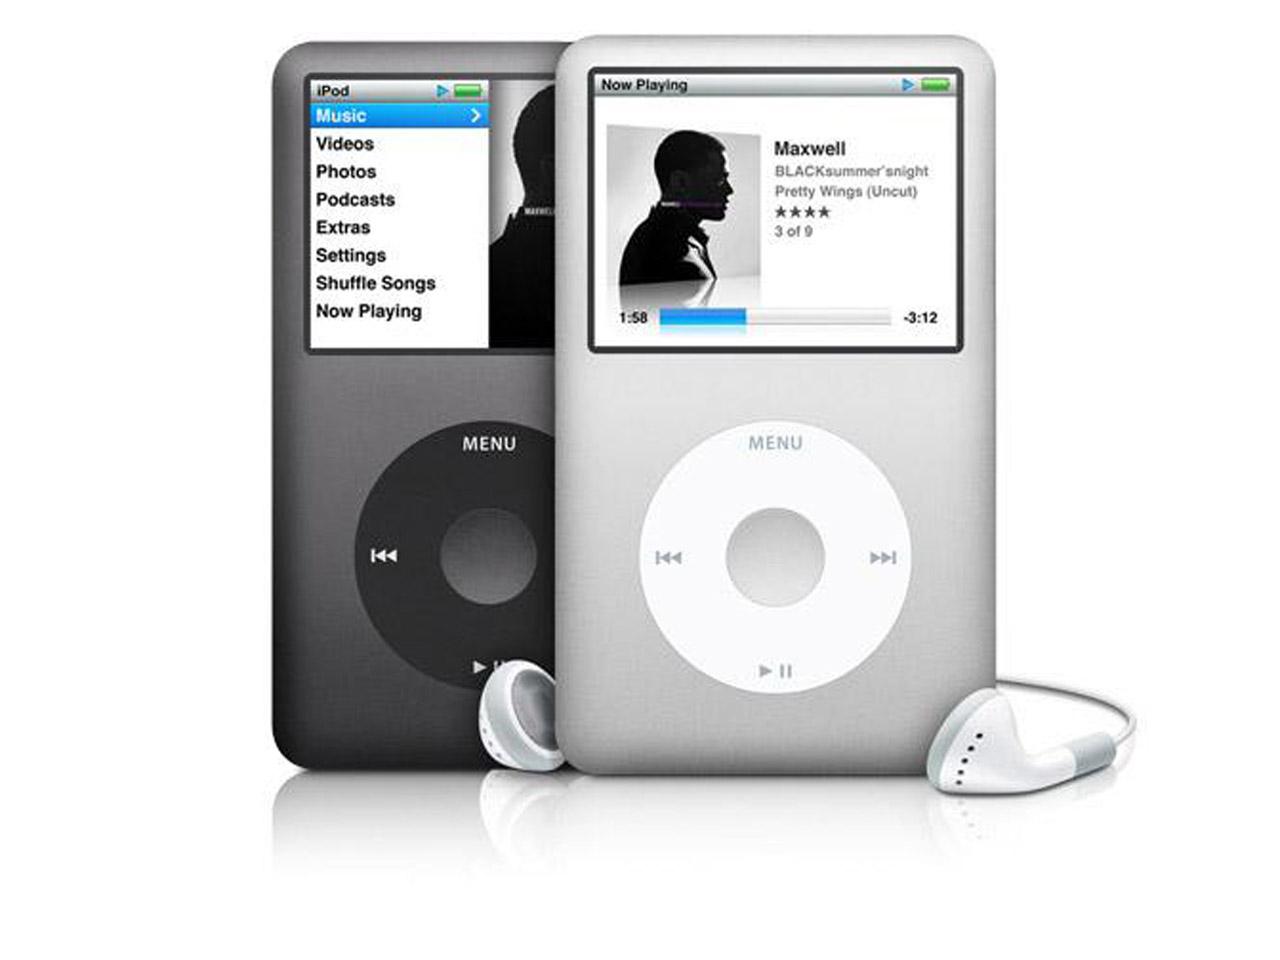 Культовый iPod classic бесшумно уходит в небытие